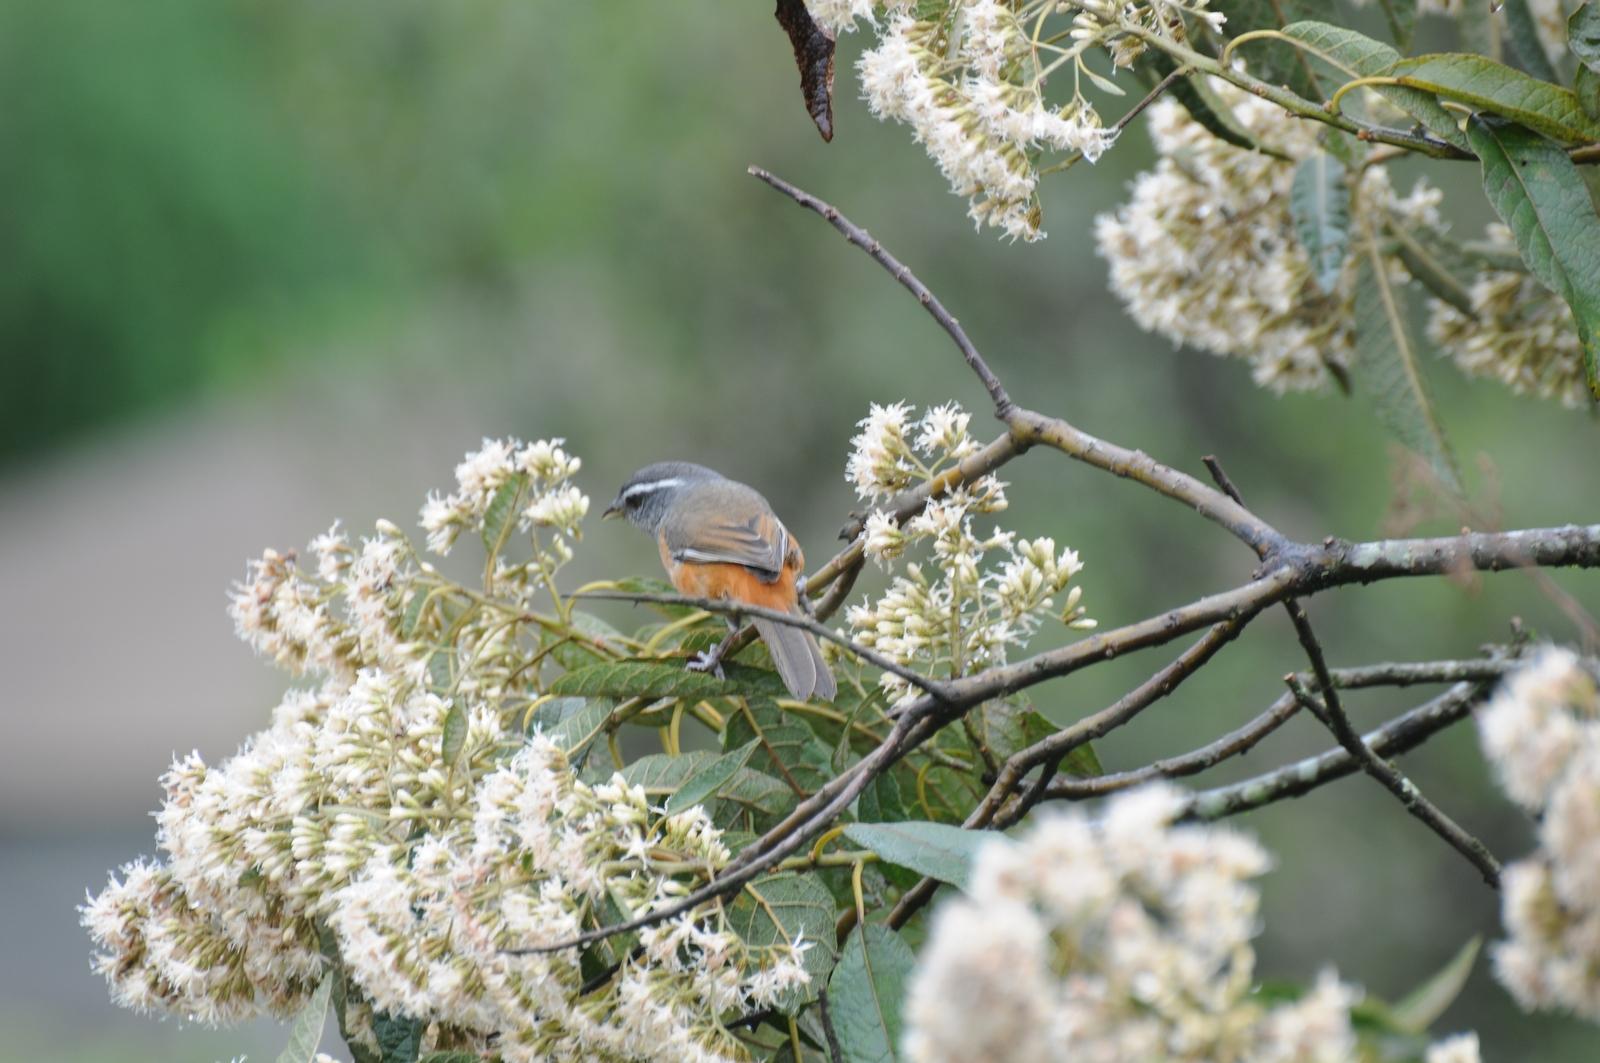 Animais - Pássaro - Limpa-folha - Sustentabilidade